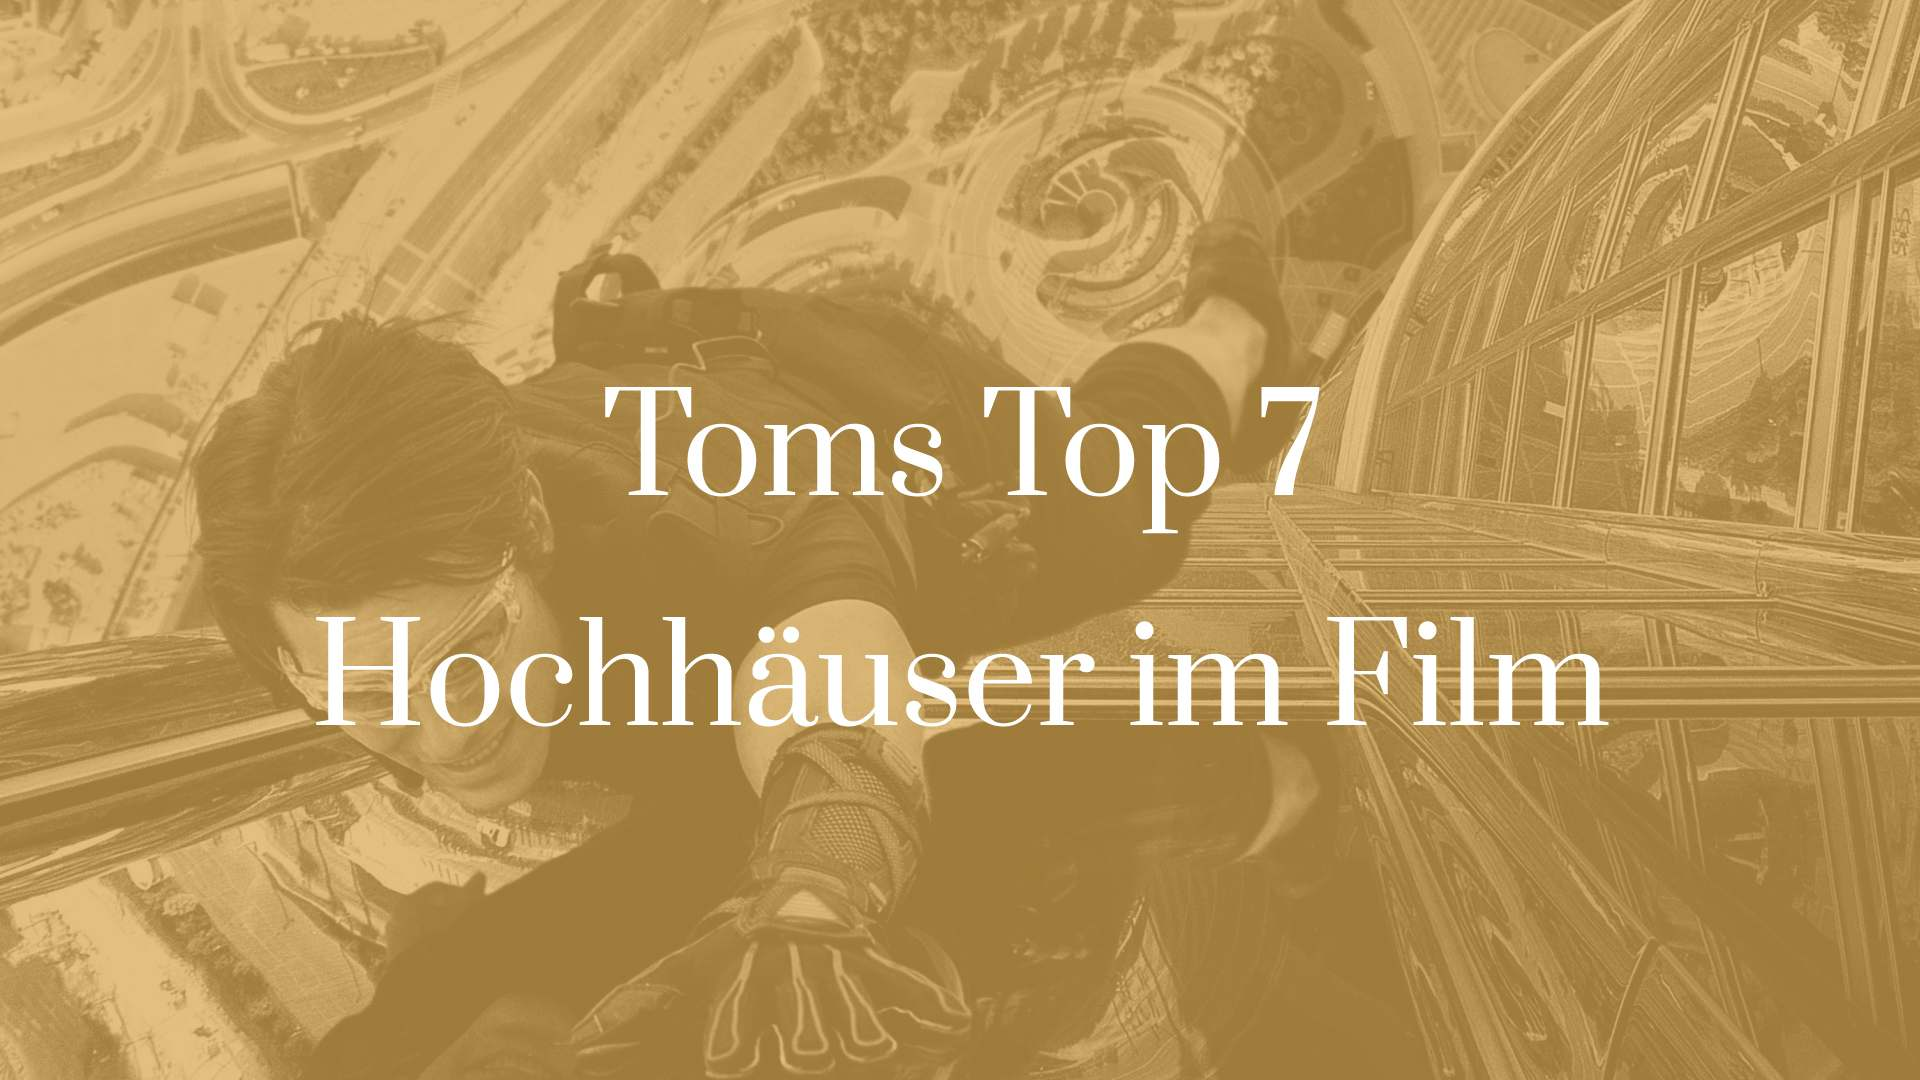 Titelbild für TOMS TOP 7 Hochhäuser im Film